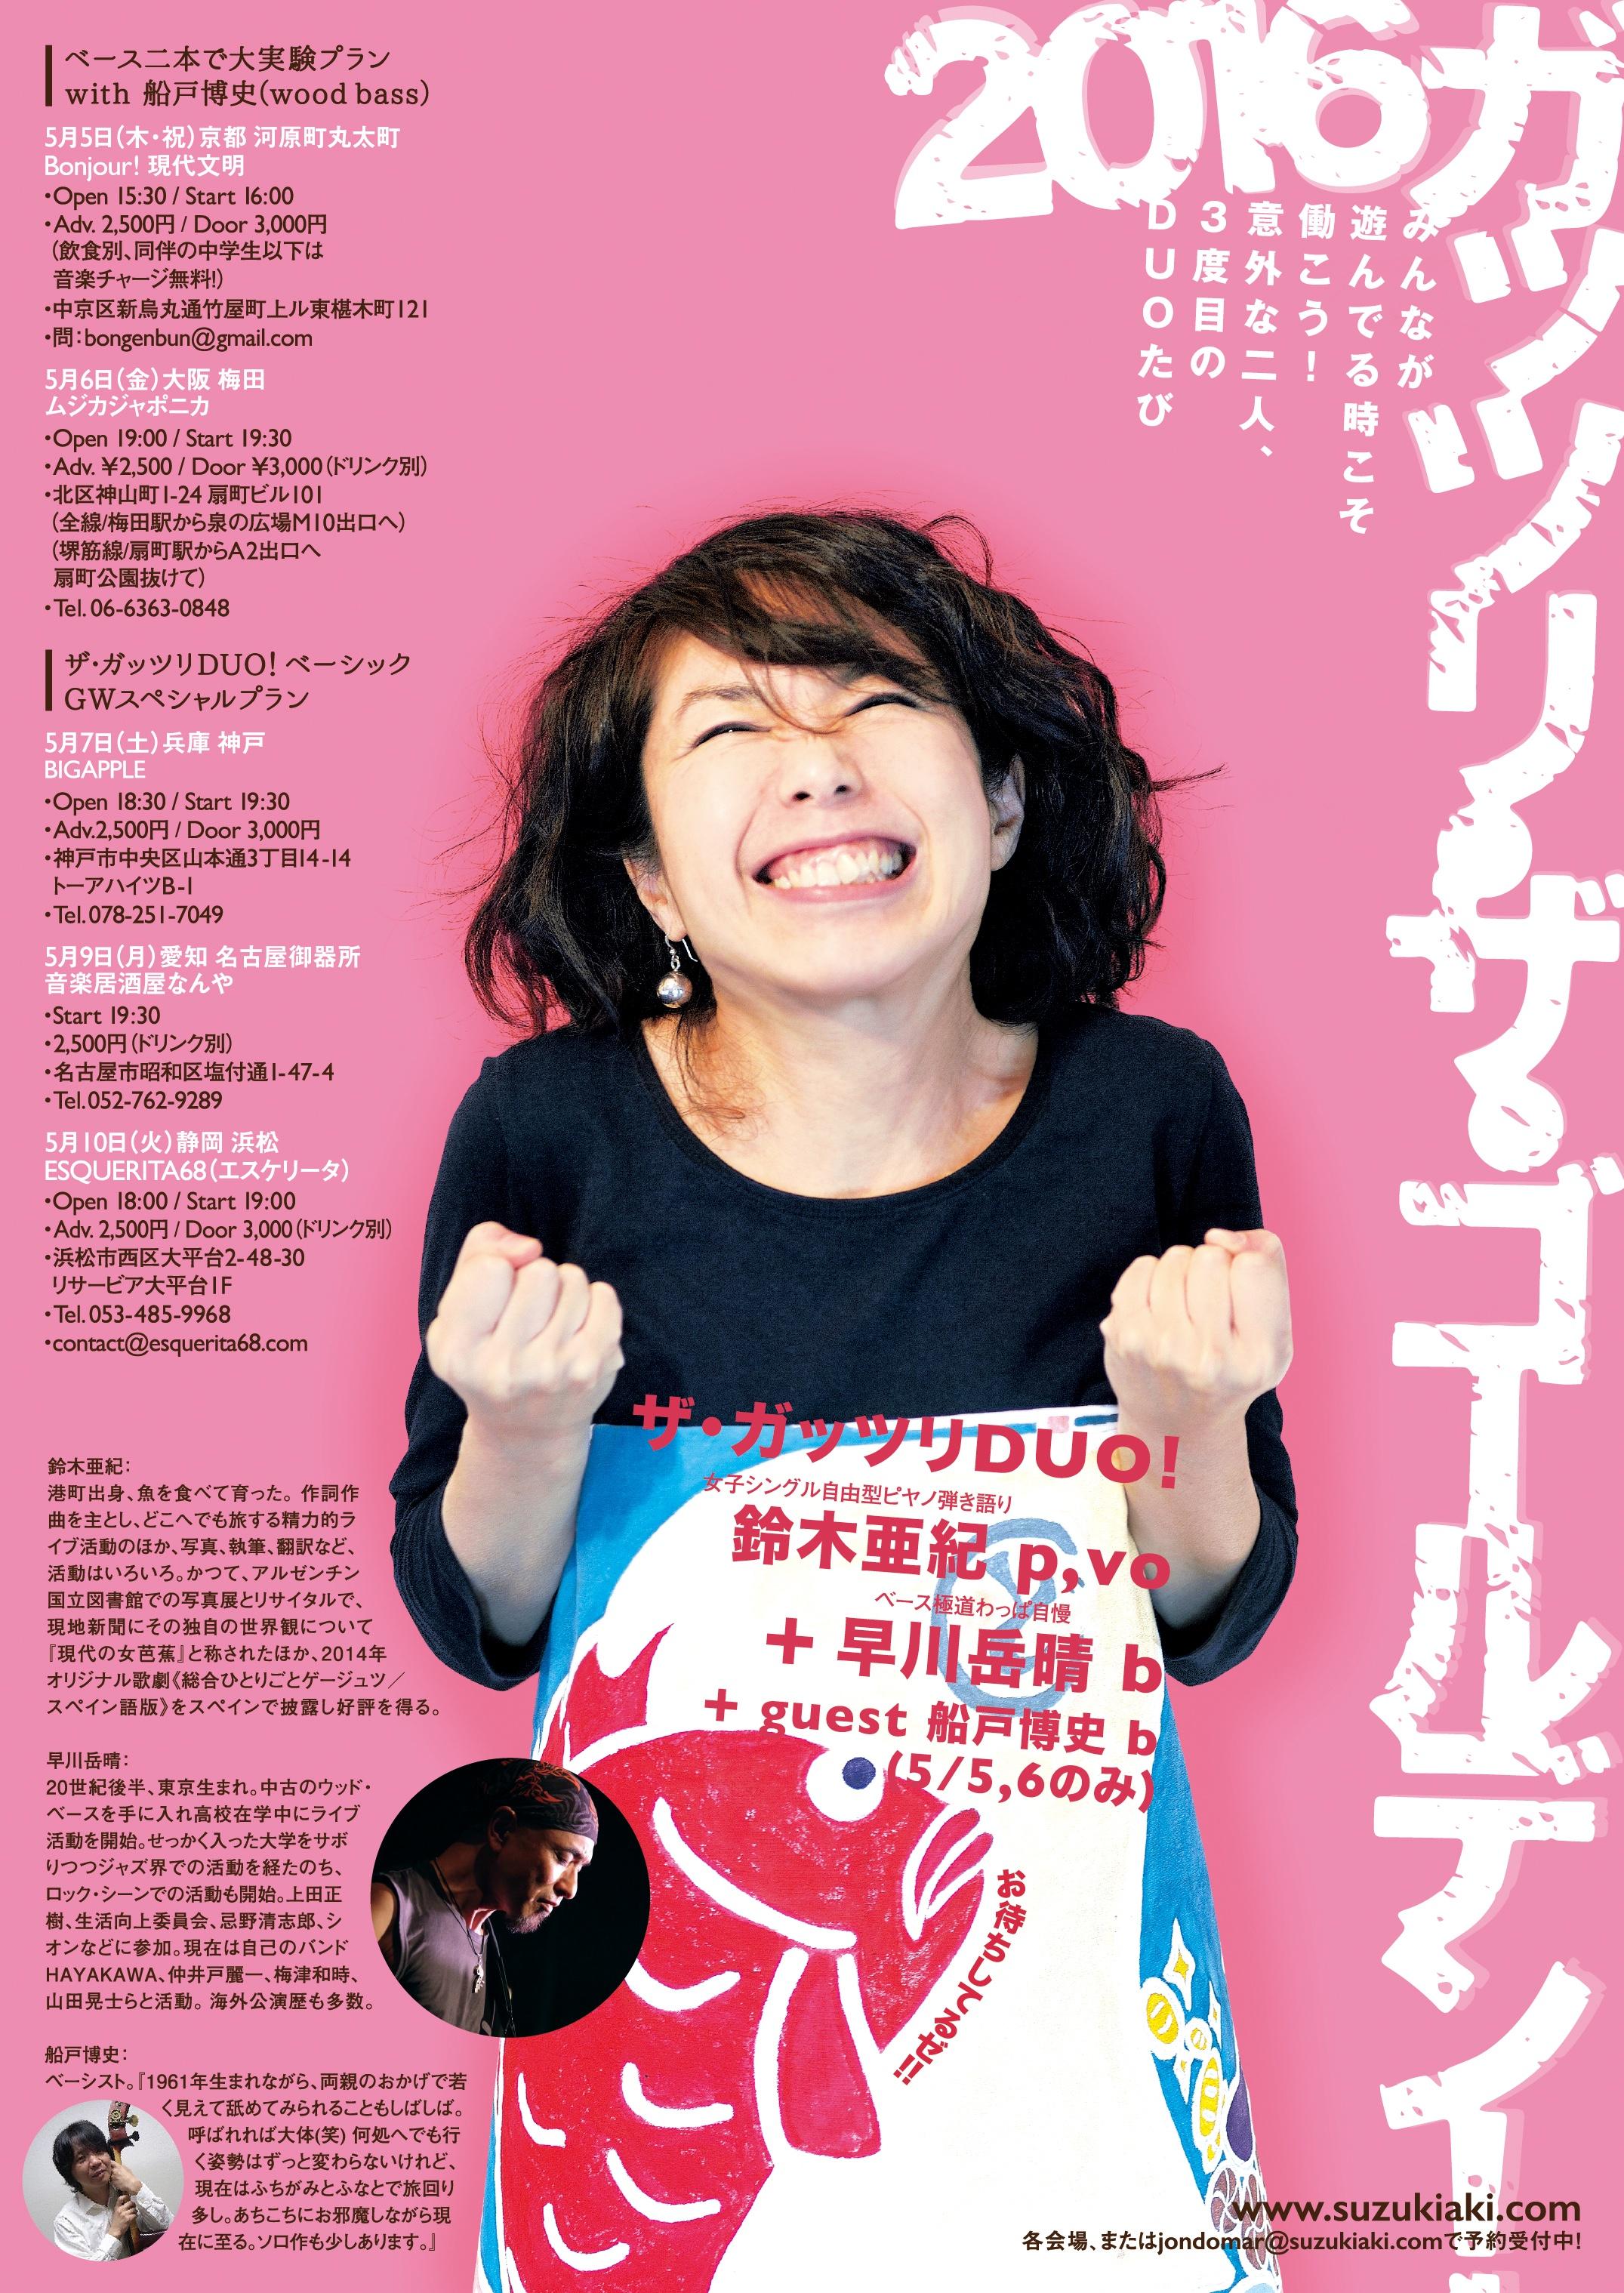 『ザ・ガッツリDUO!<鈴木亜紀+早川岳晴> with 船戸博史』